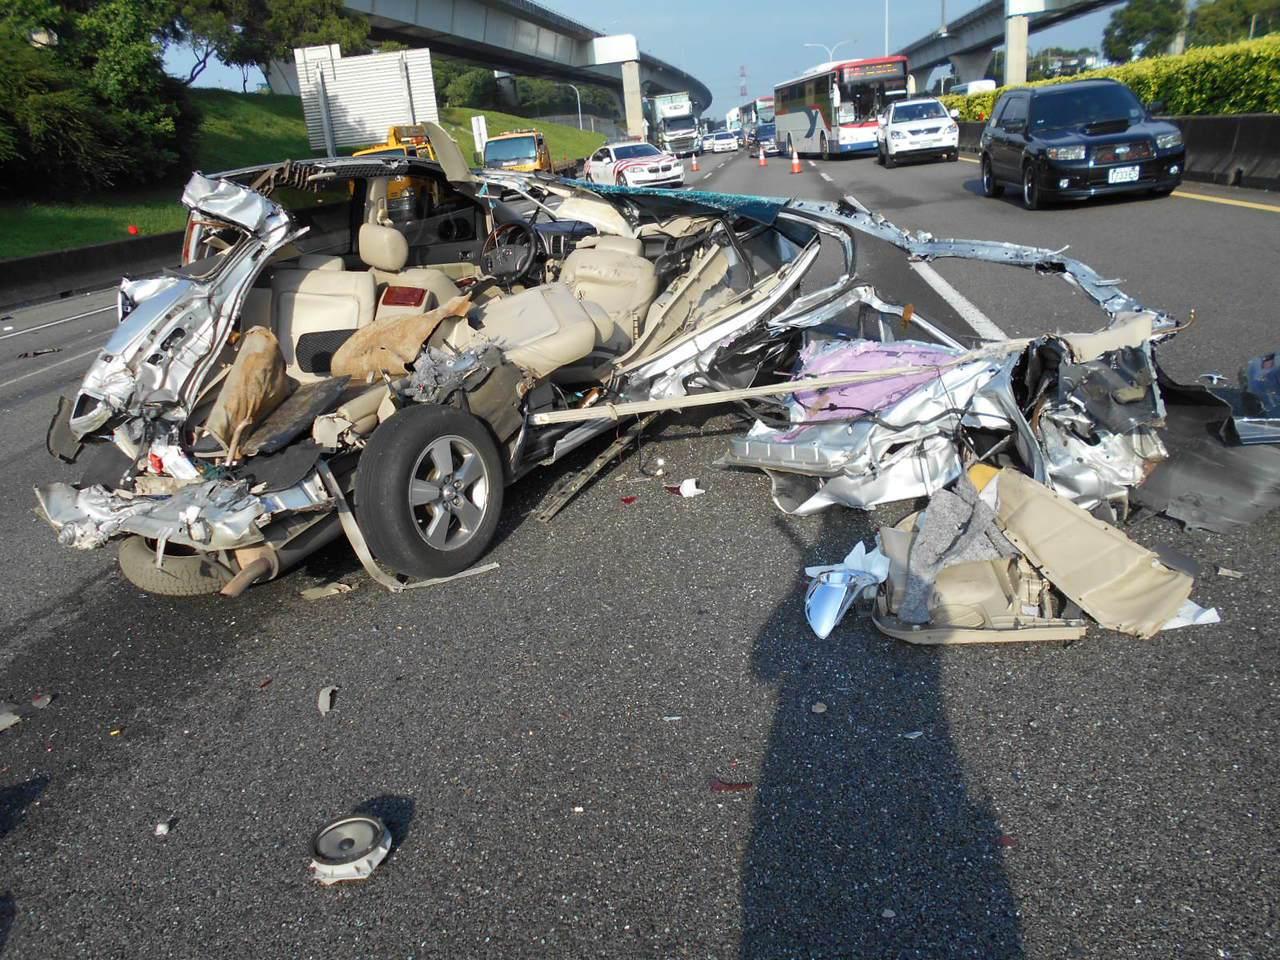 首當其衝挨撞的第1輛小轎車,車頂被整個掀開撞個稀爛,駕駛座很幸運保持完整,駕駛僅...